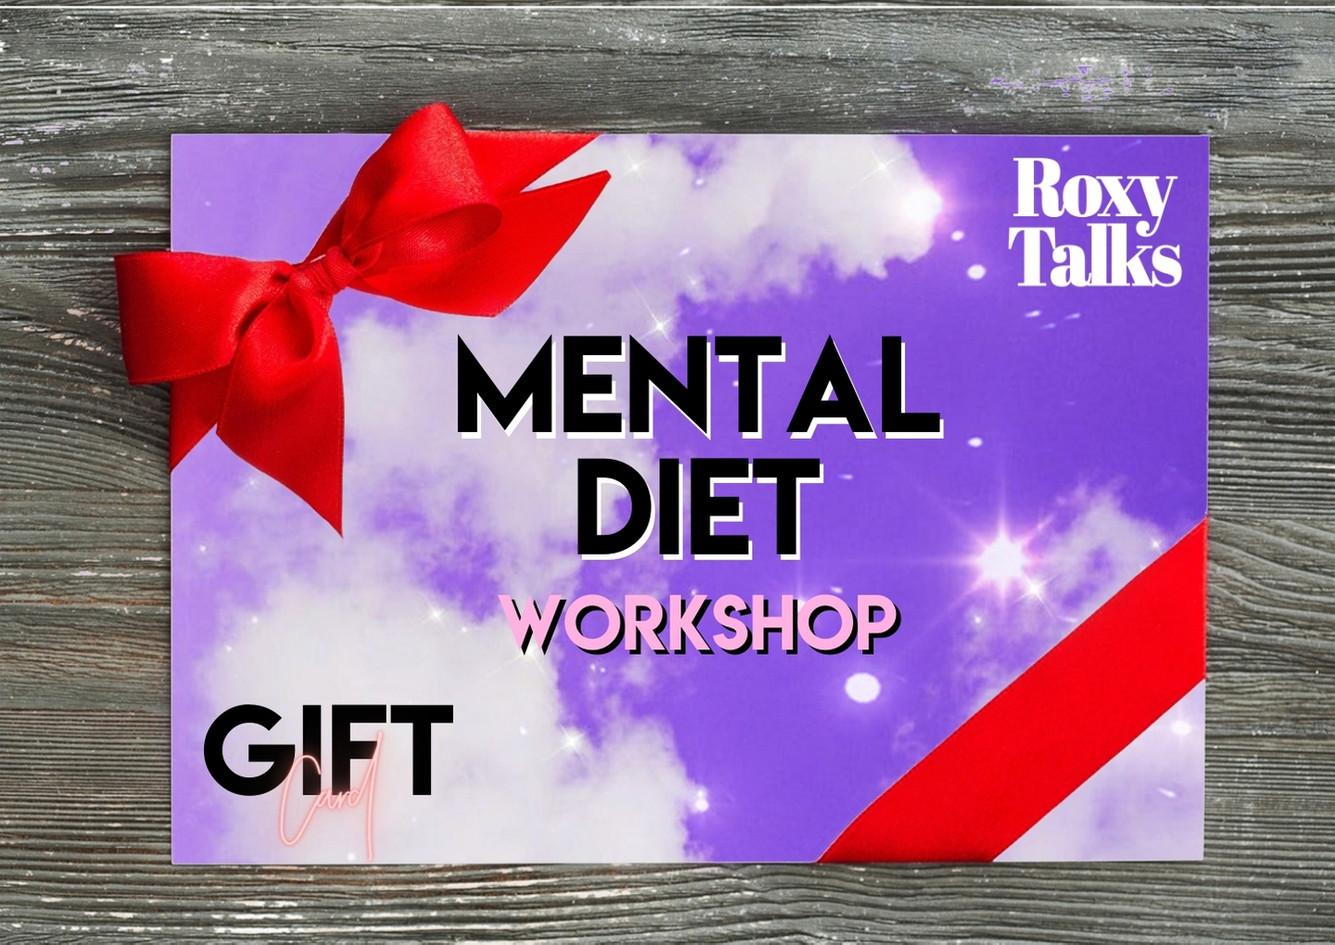 Mnetal Diet Workshop